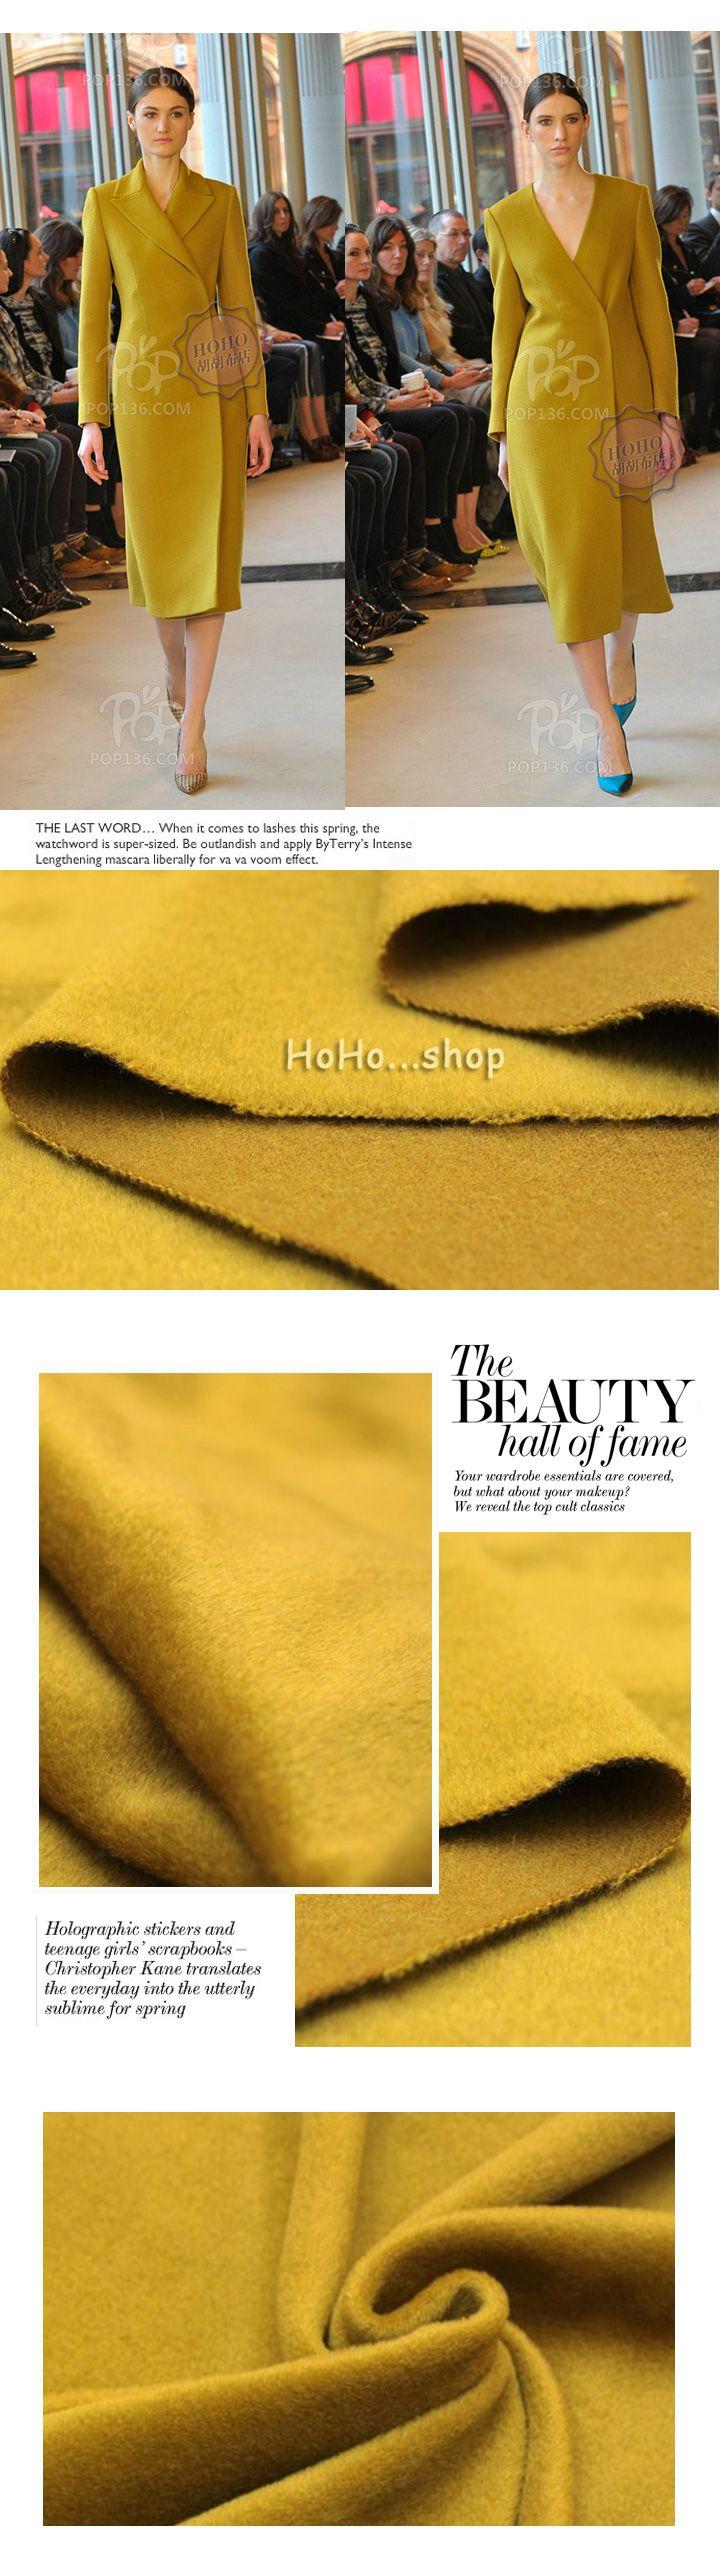 Hoo драпировка / ткань ткань / вода рябь гладкие волосы кашемир / кашемировые имбирь / / 136 юаней / м 150см - глобальной станции Taobao